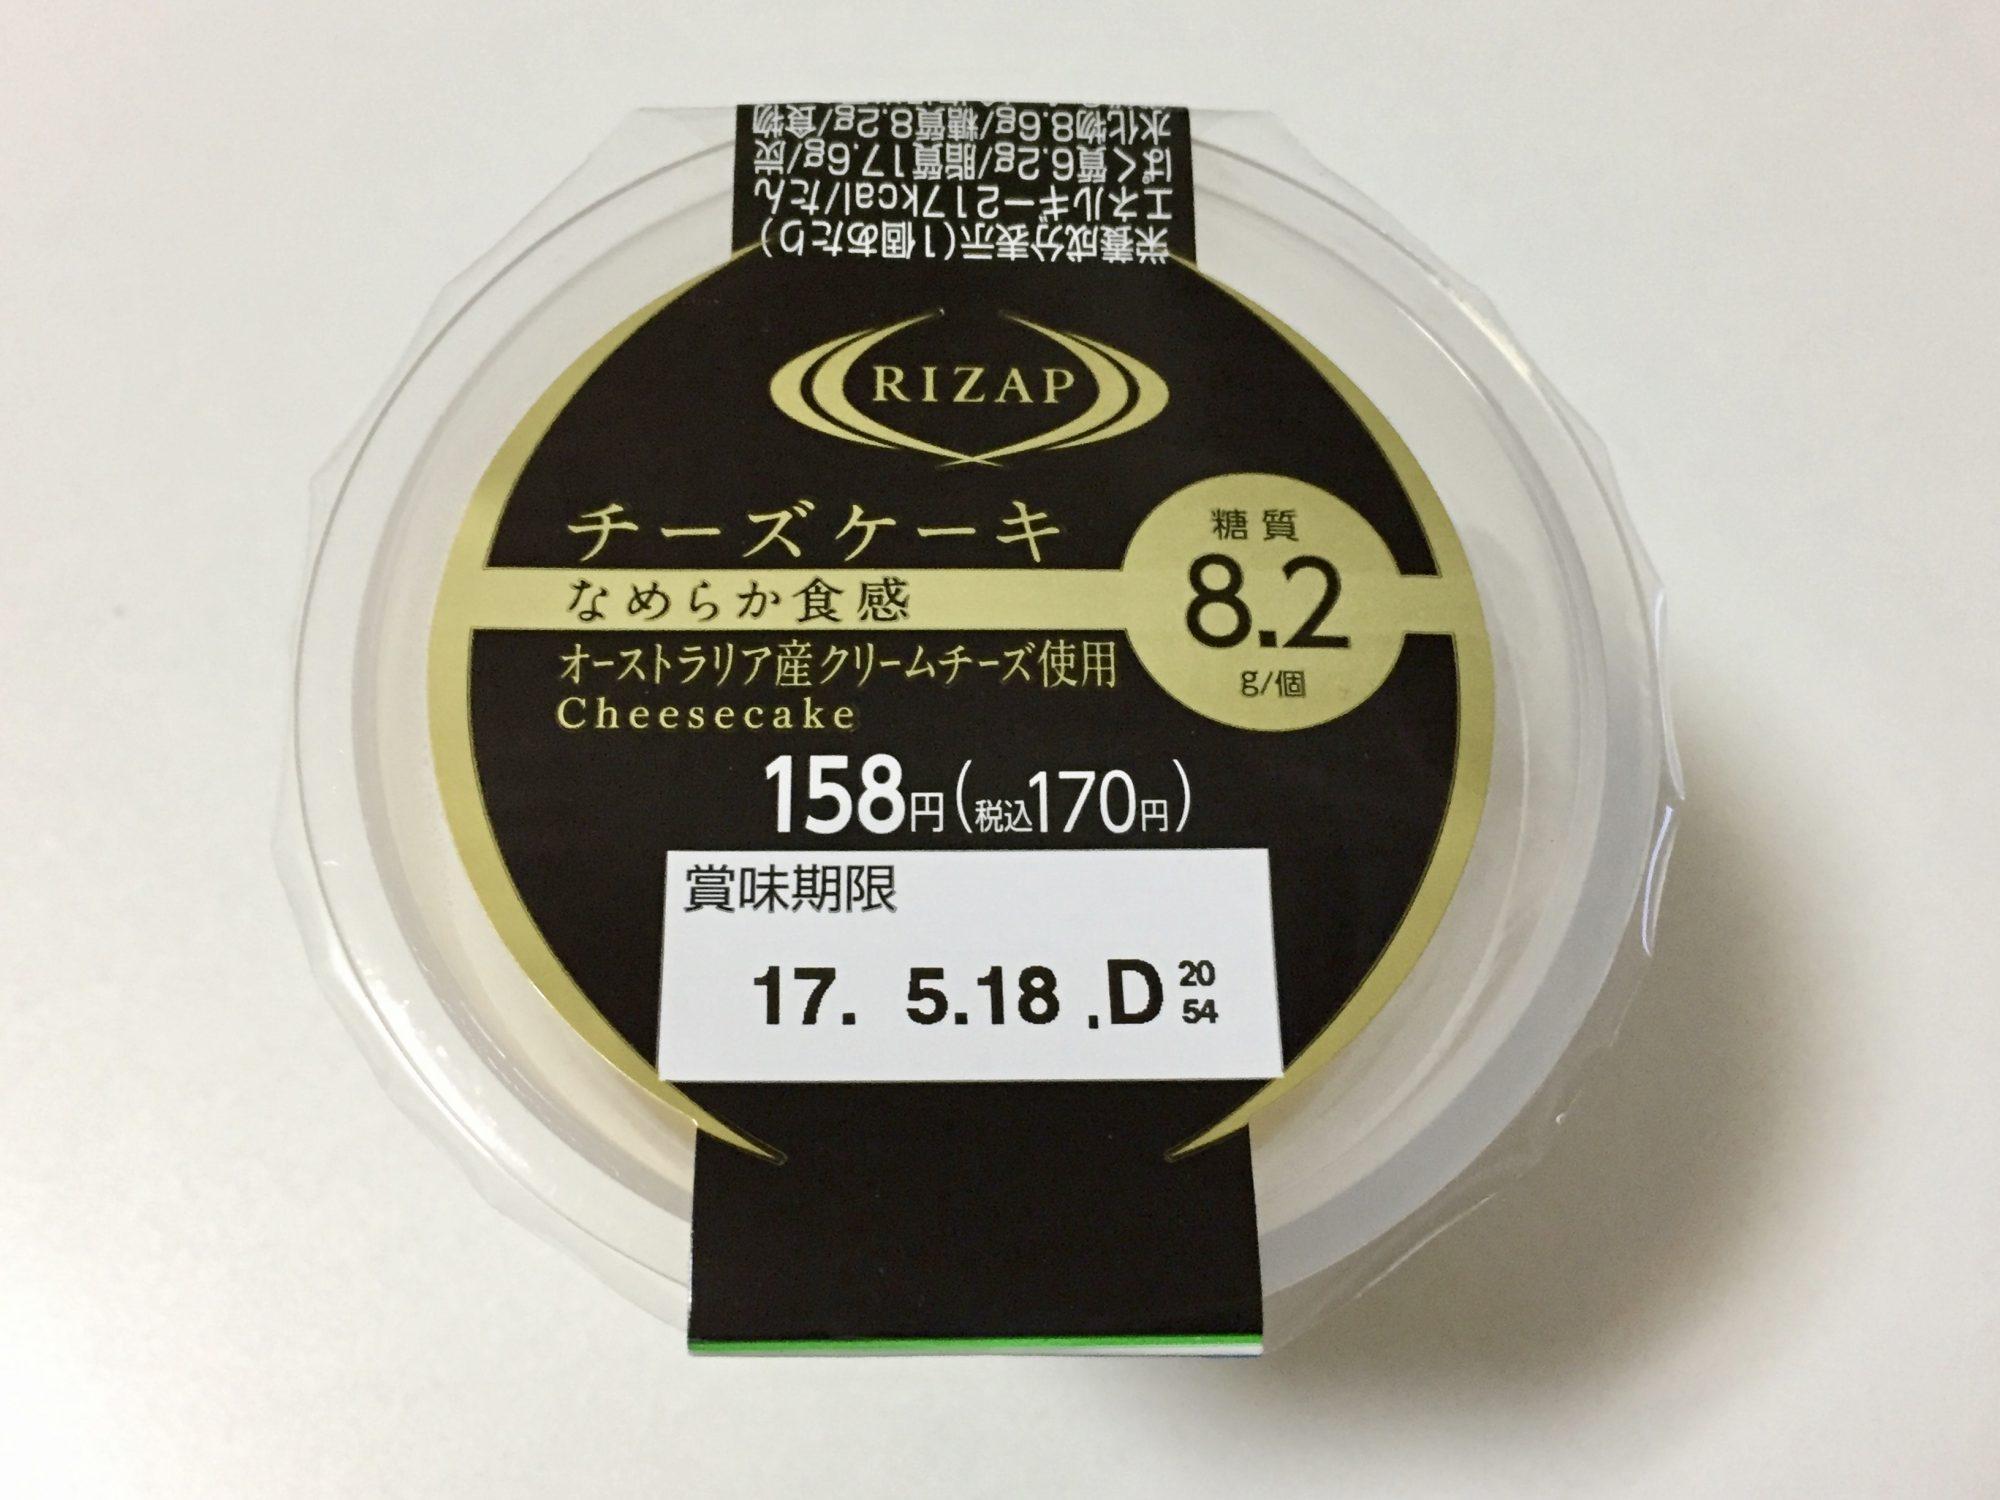 糖質制限!ファミマでライザップ。「チーズケーキ」はオススメです!